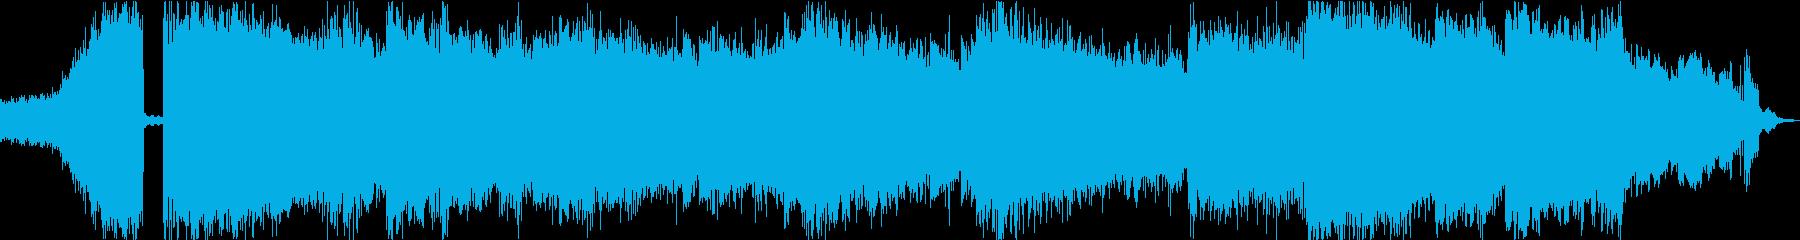 切ない爆音ギターのサウンドロゴの再生済みの波形